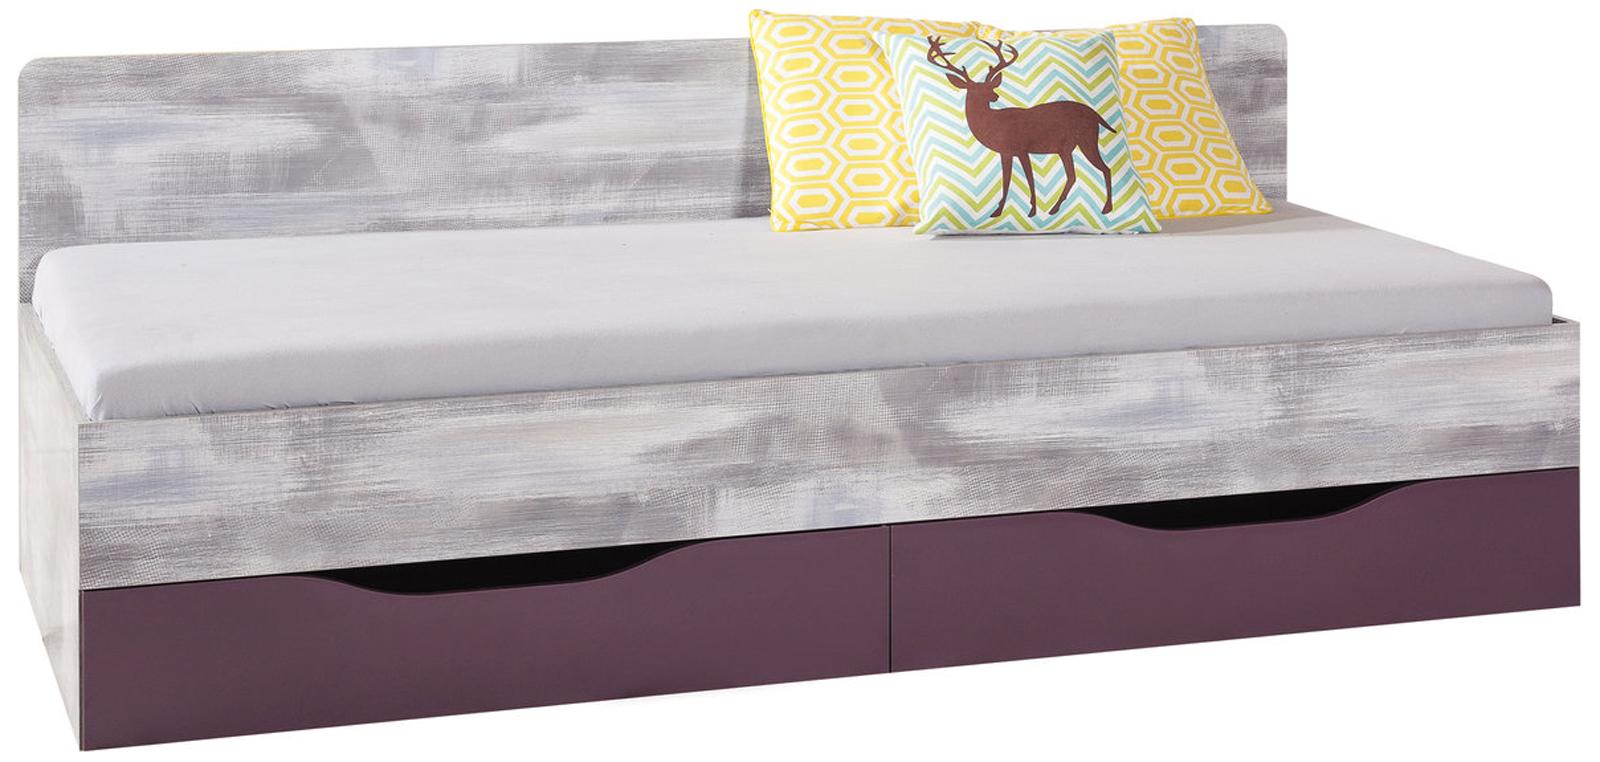 Dětská postel s úložným prostorem Zaka 12A